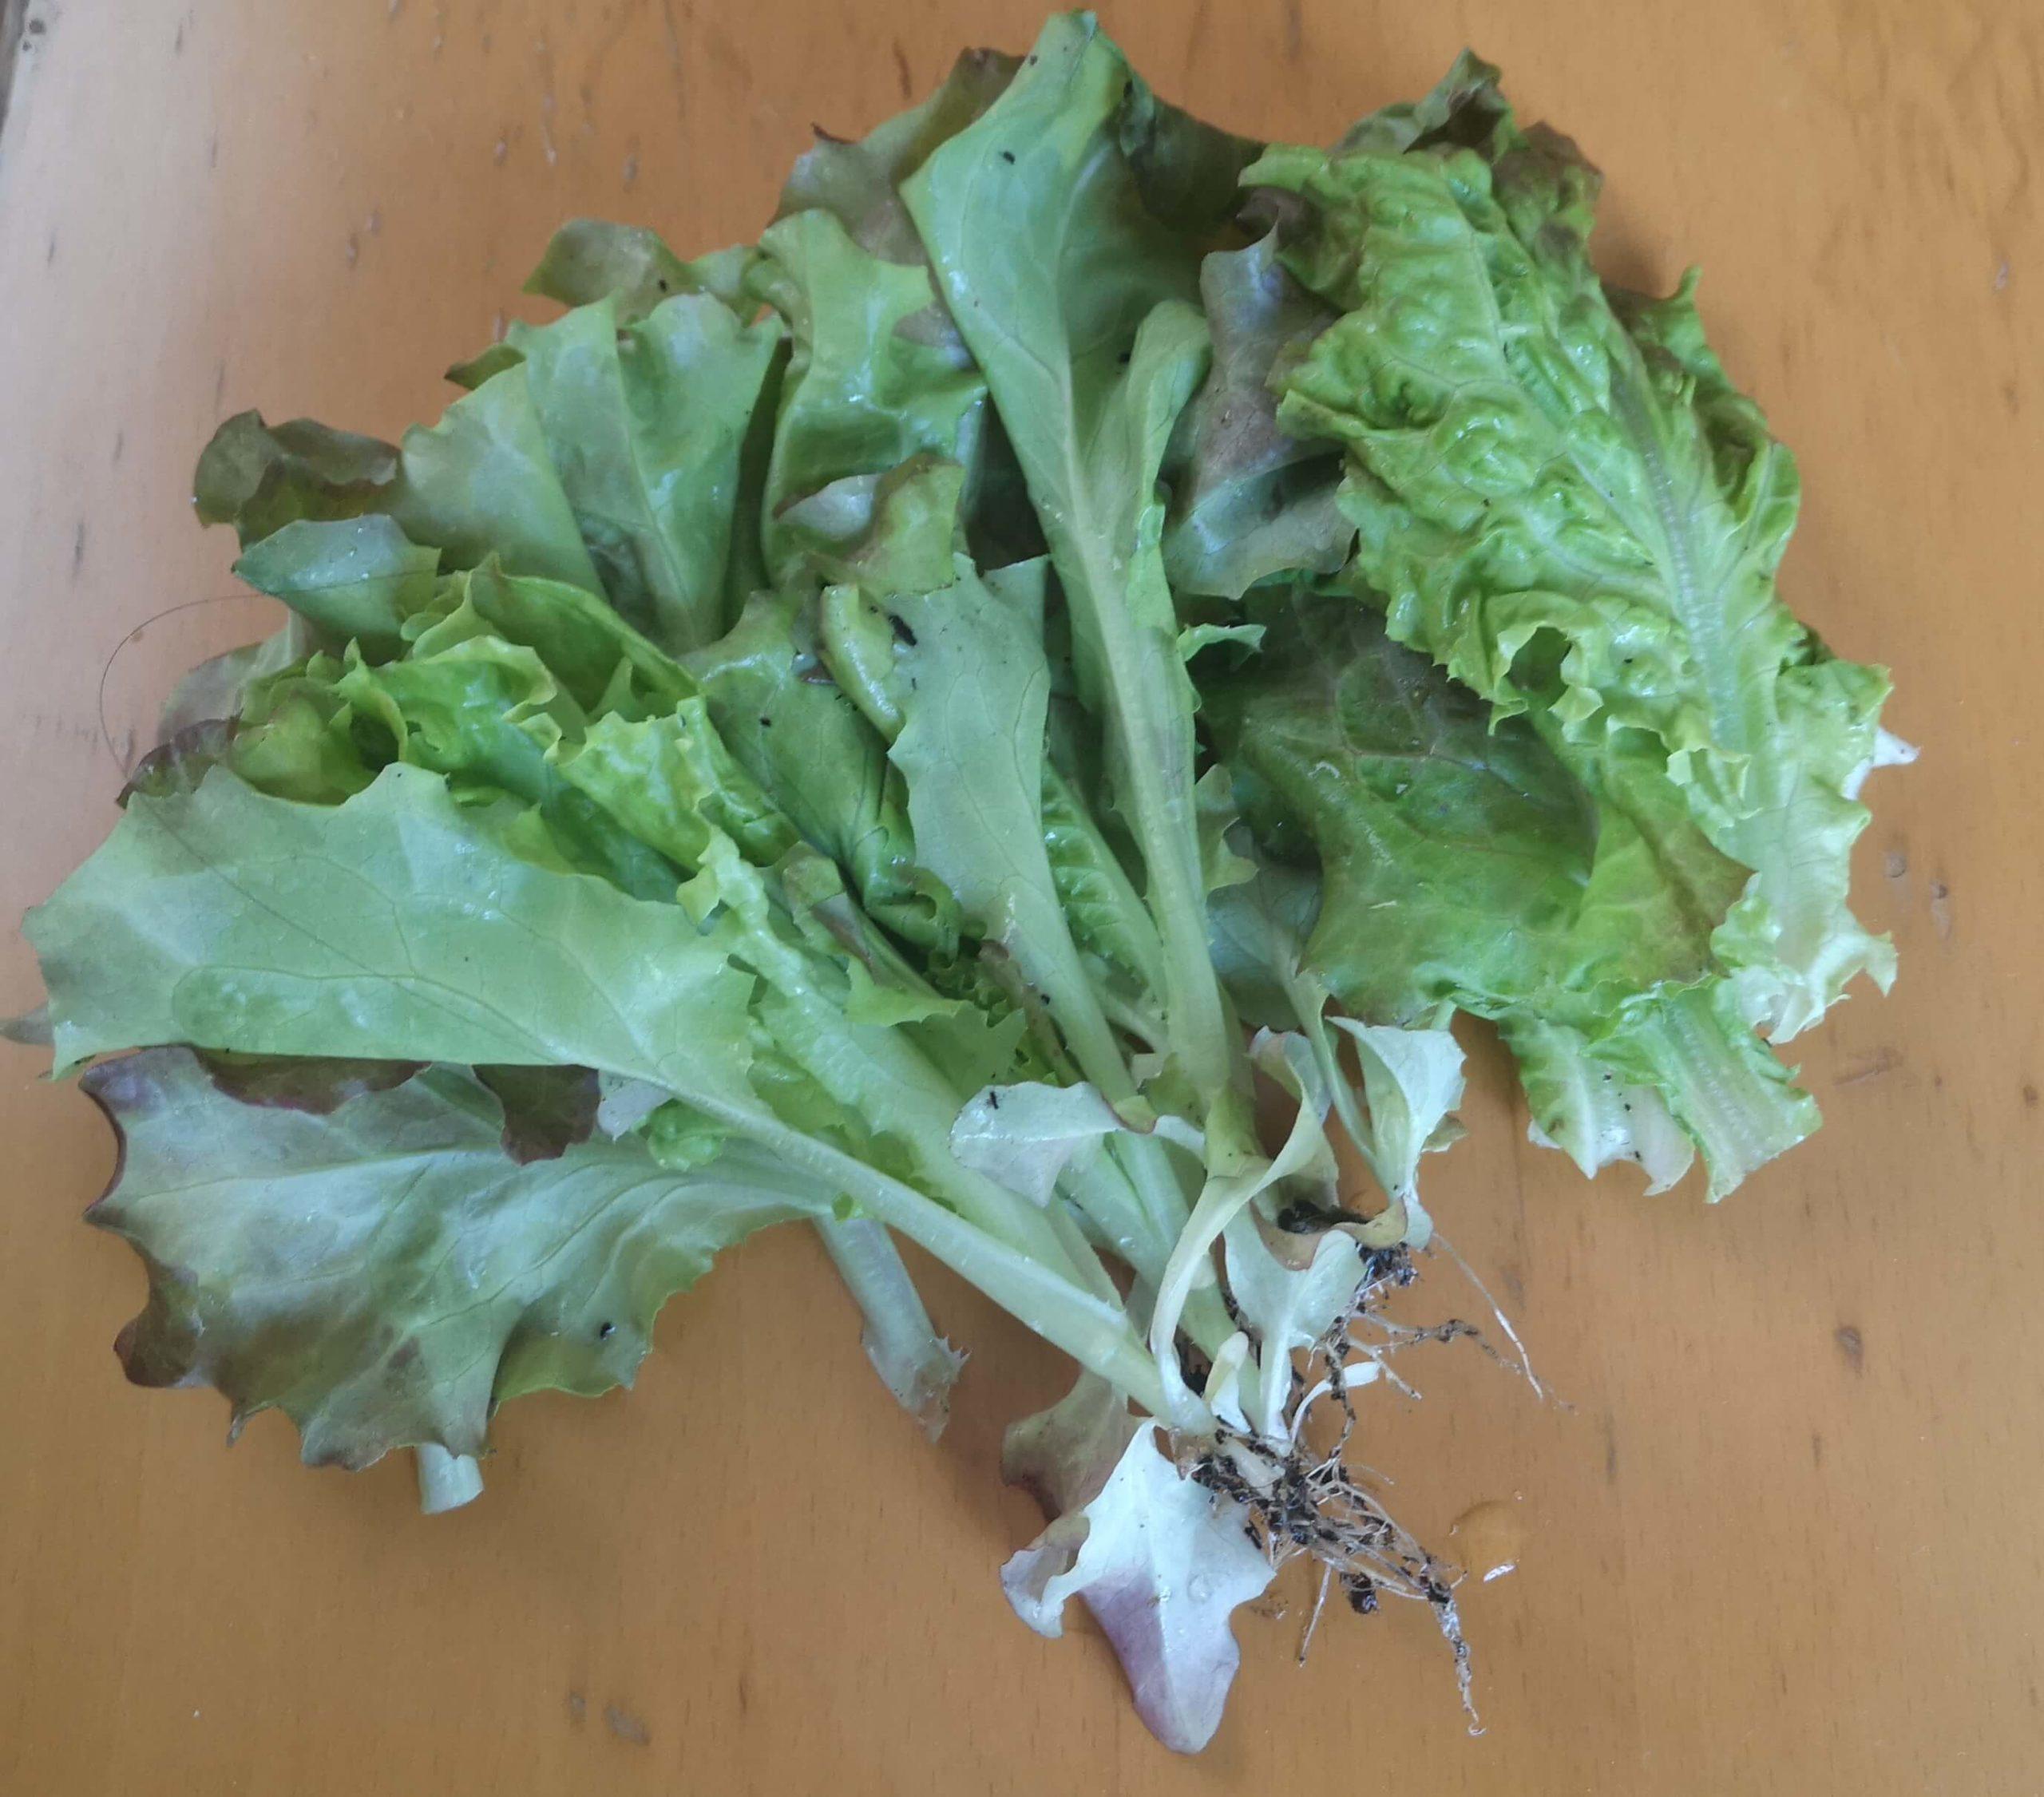 収穫したサニーレタスは葉っぱ15枚分